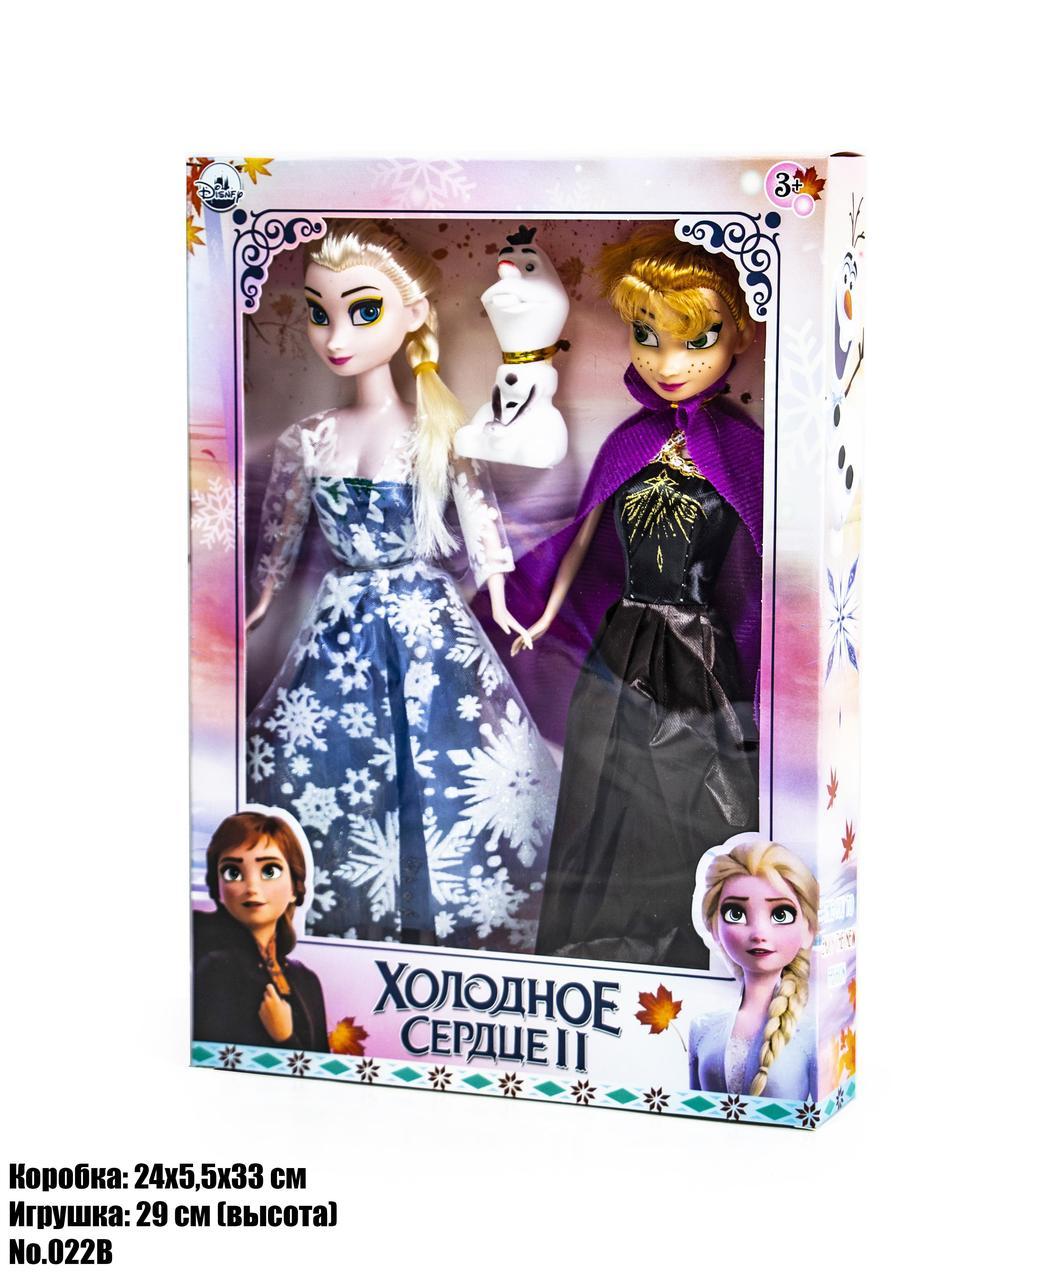 Набор Куклы Frozen (Холодное сердце)Эльза и Анна